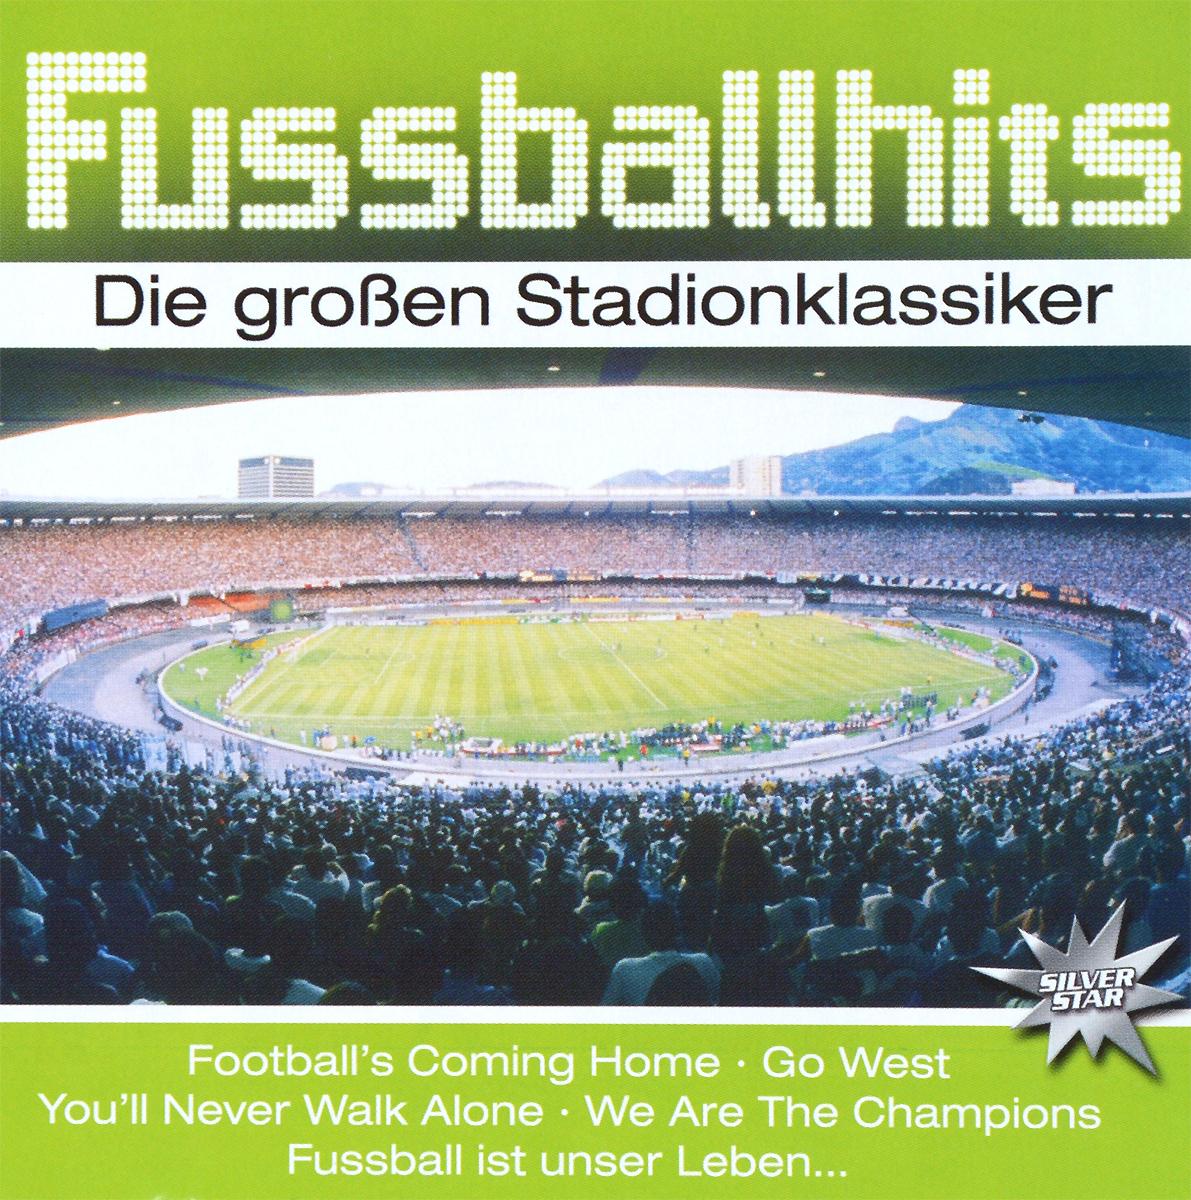 Fussballhits. Die Grossen Stadionklassiker